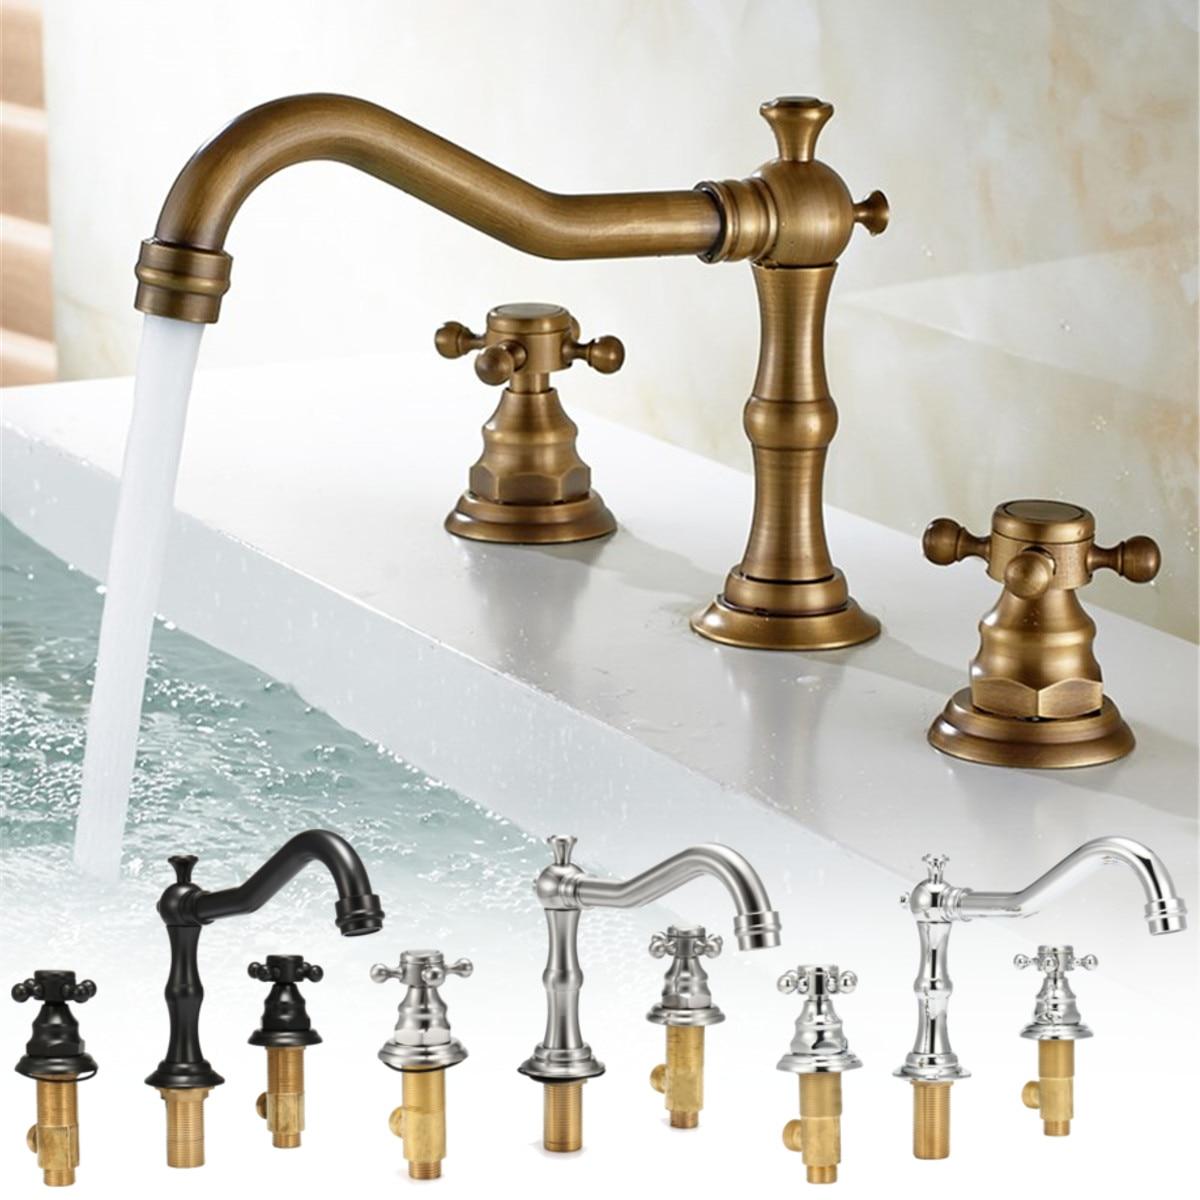 Antique 3 trous 2 bouton robinet salle de bain baignoire bec bassin évier robinets Double poignée contrôle bain chaud froid mélangeur eau robinet matériel